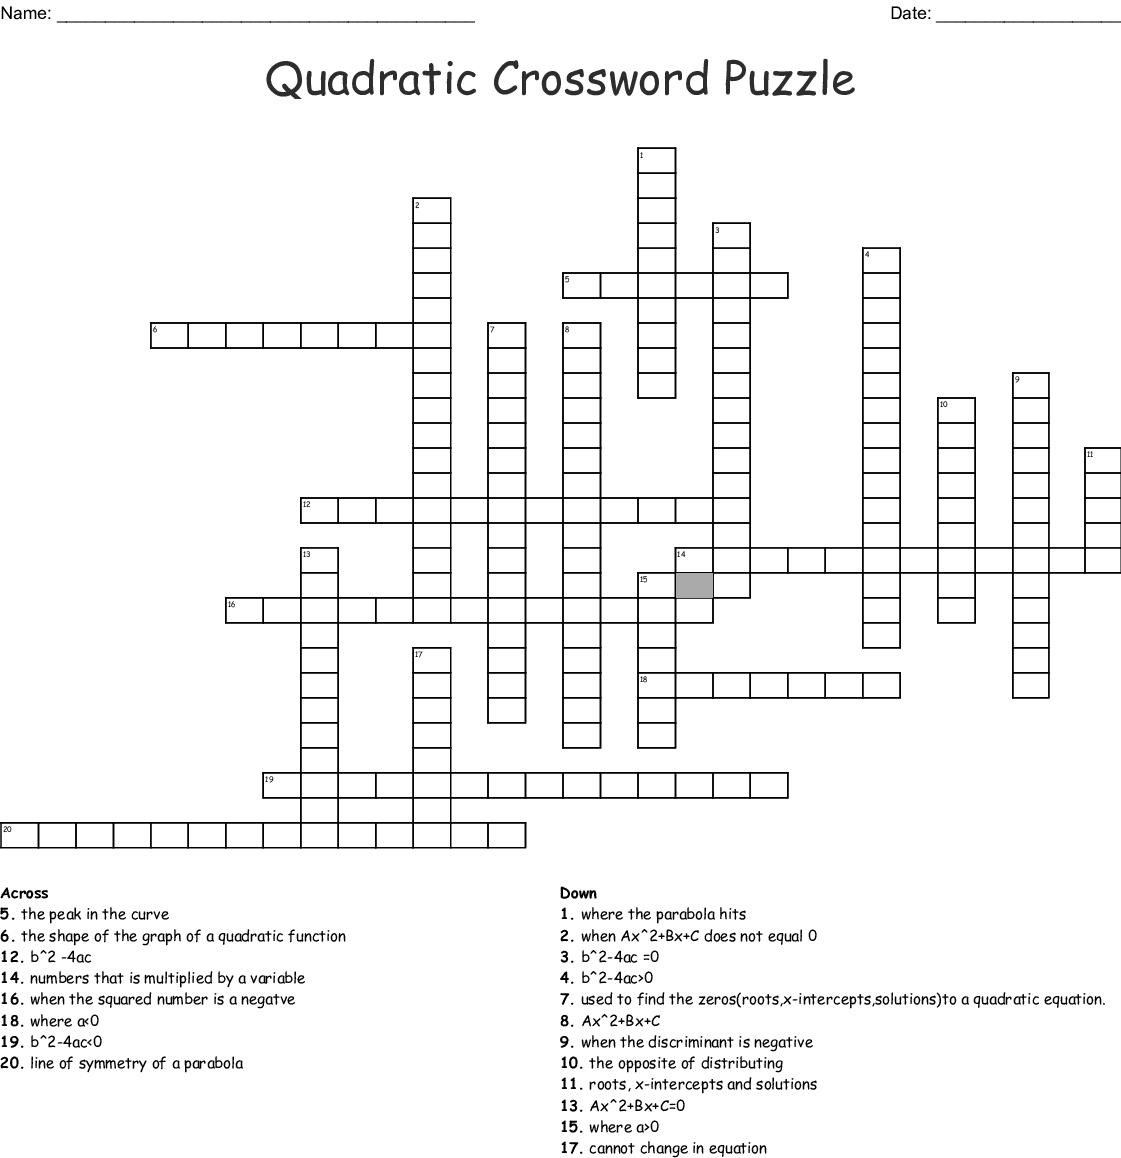 Quadratic Crossword Puzzle Word